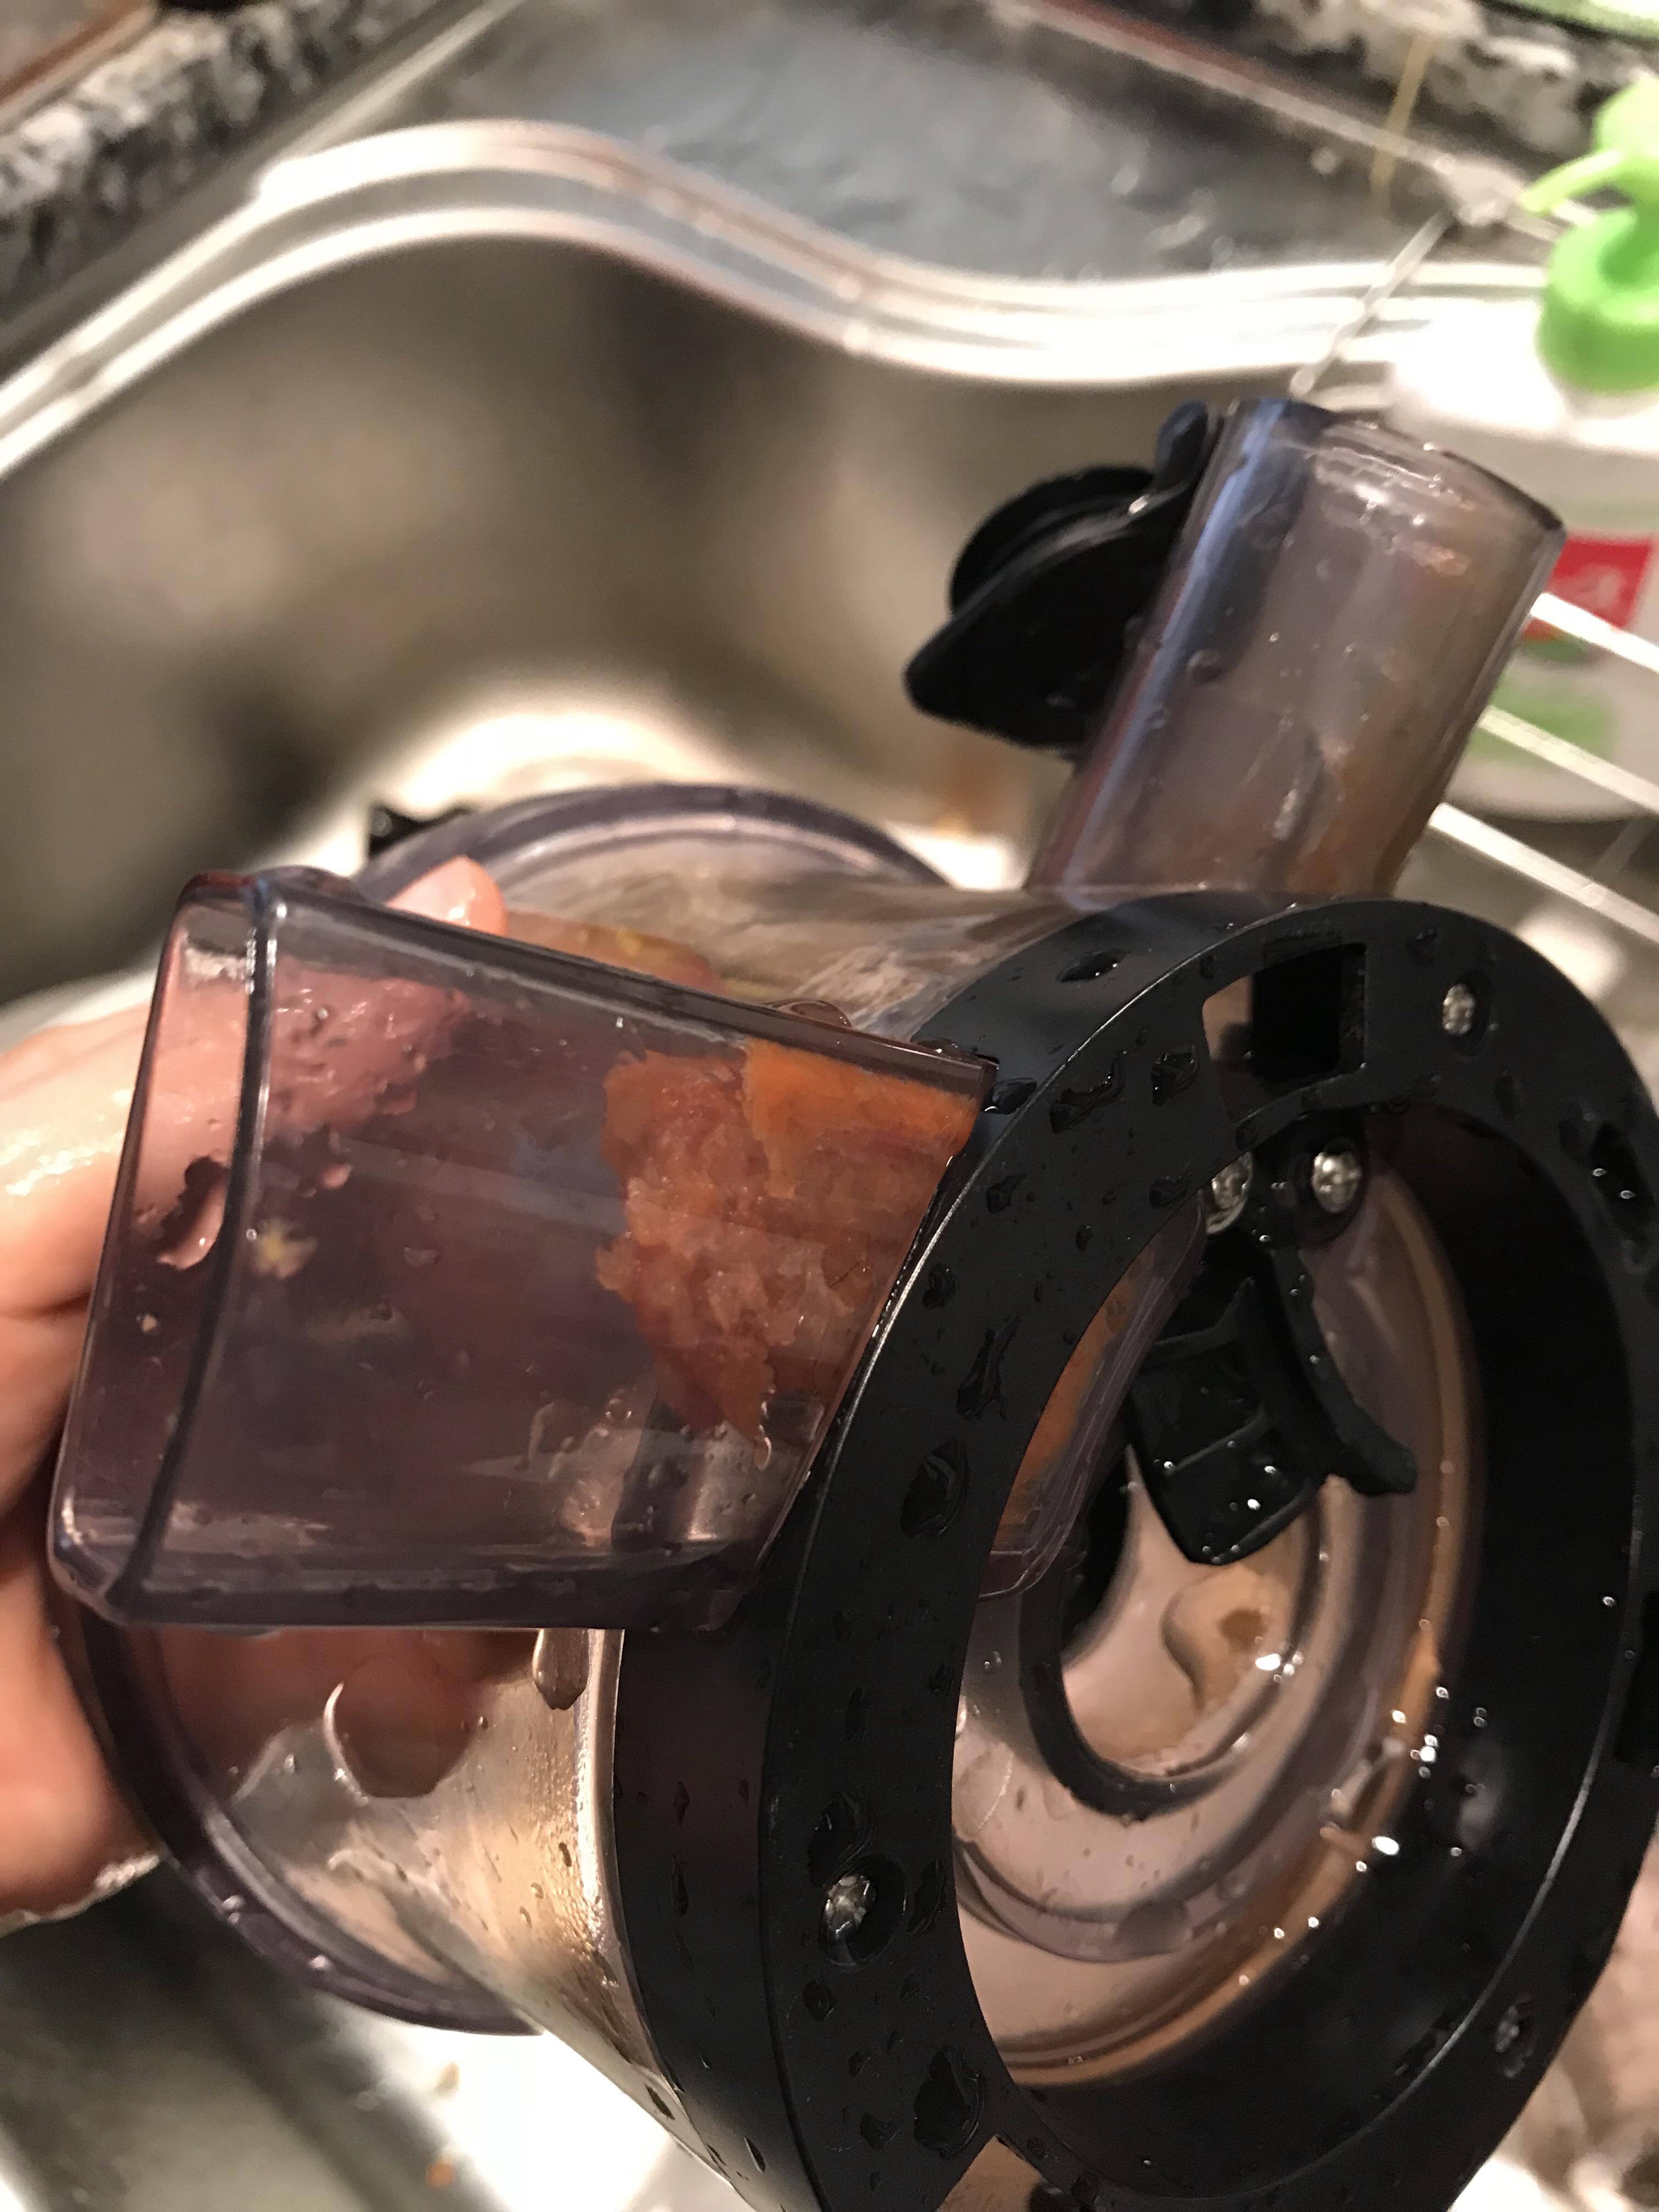 搾りかす排出口(くちばしみたいな部分ですね)の根本ににんじんカスが溜まっている写真